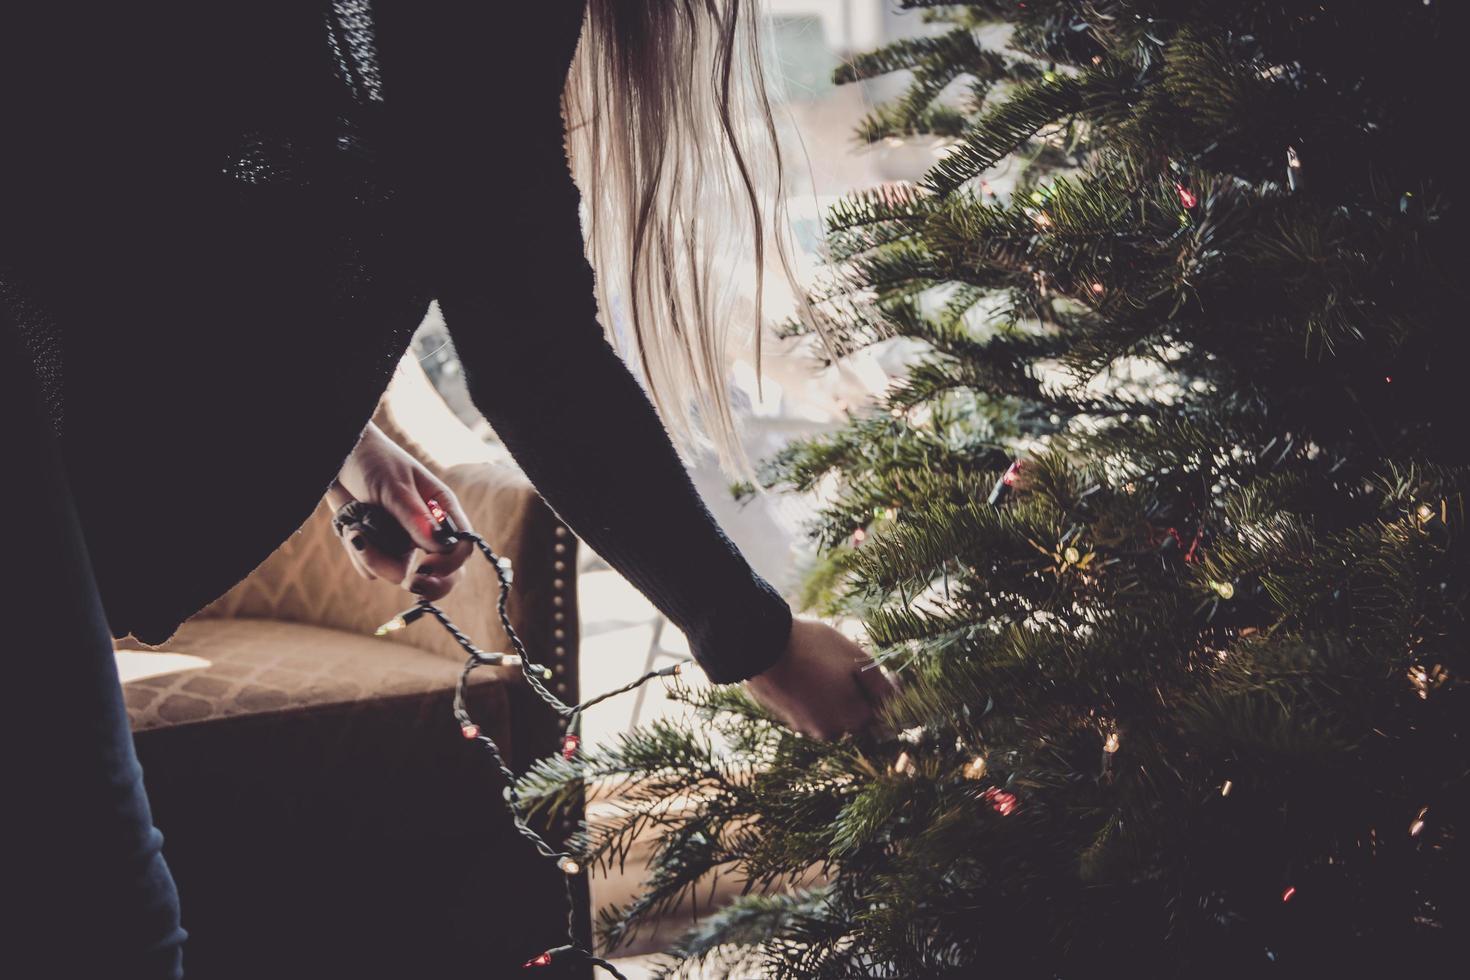 vrouw versieren kerstboom foto